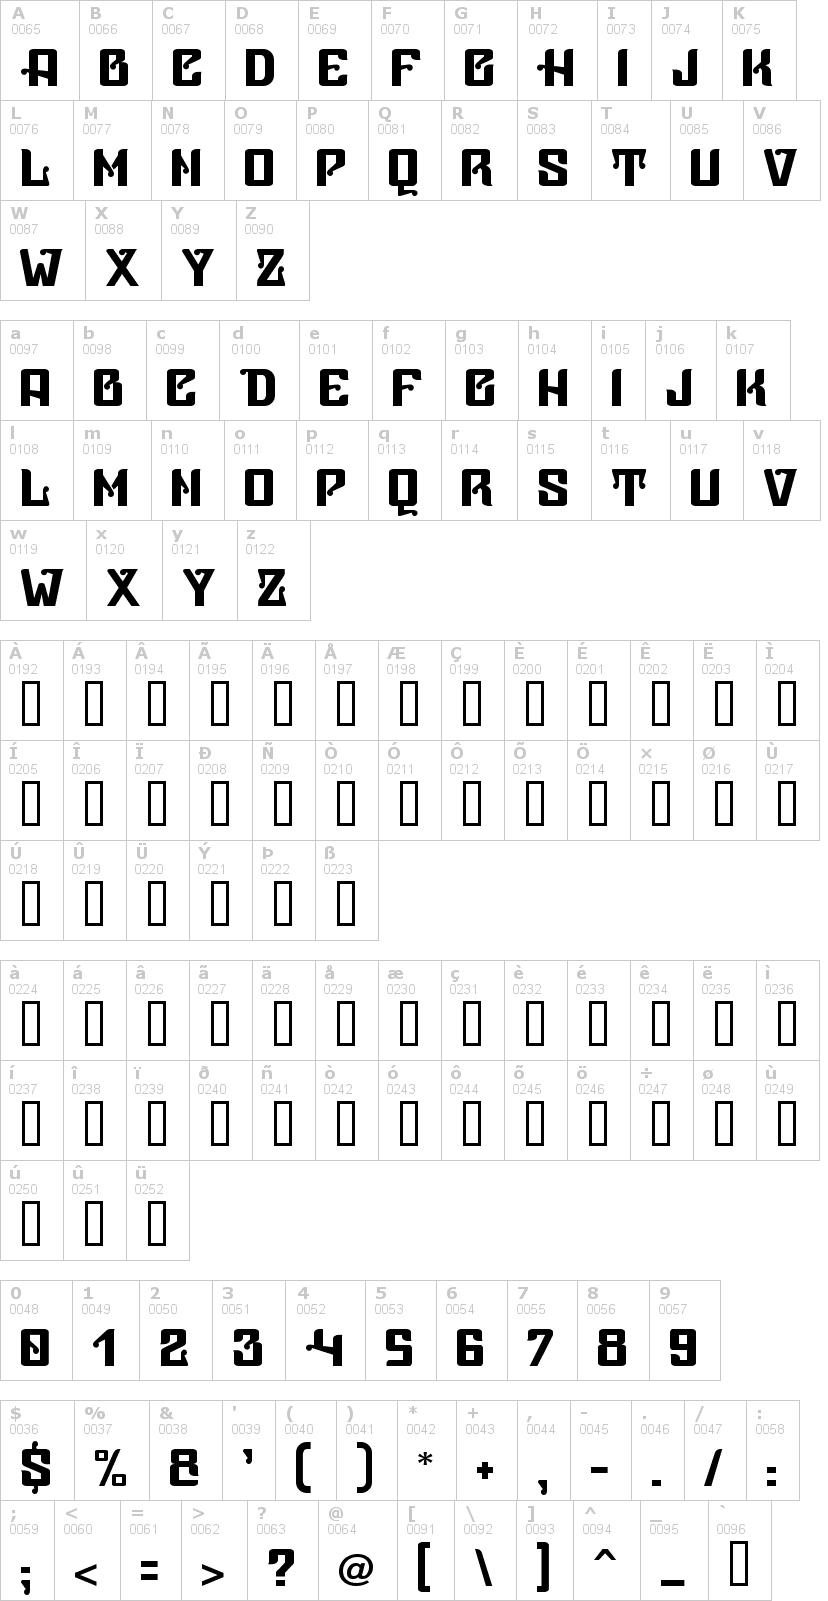 Lettere dell'alfabeto del font vice-presidente con le quali è possibile realizzare adesivi prespaziati